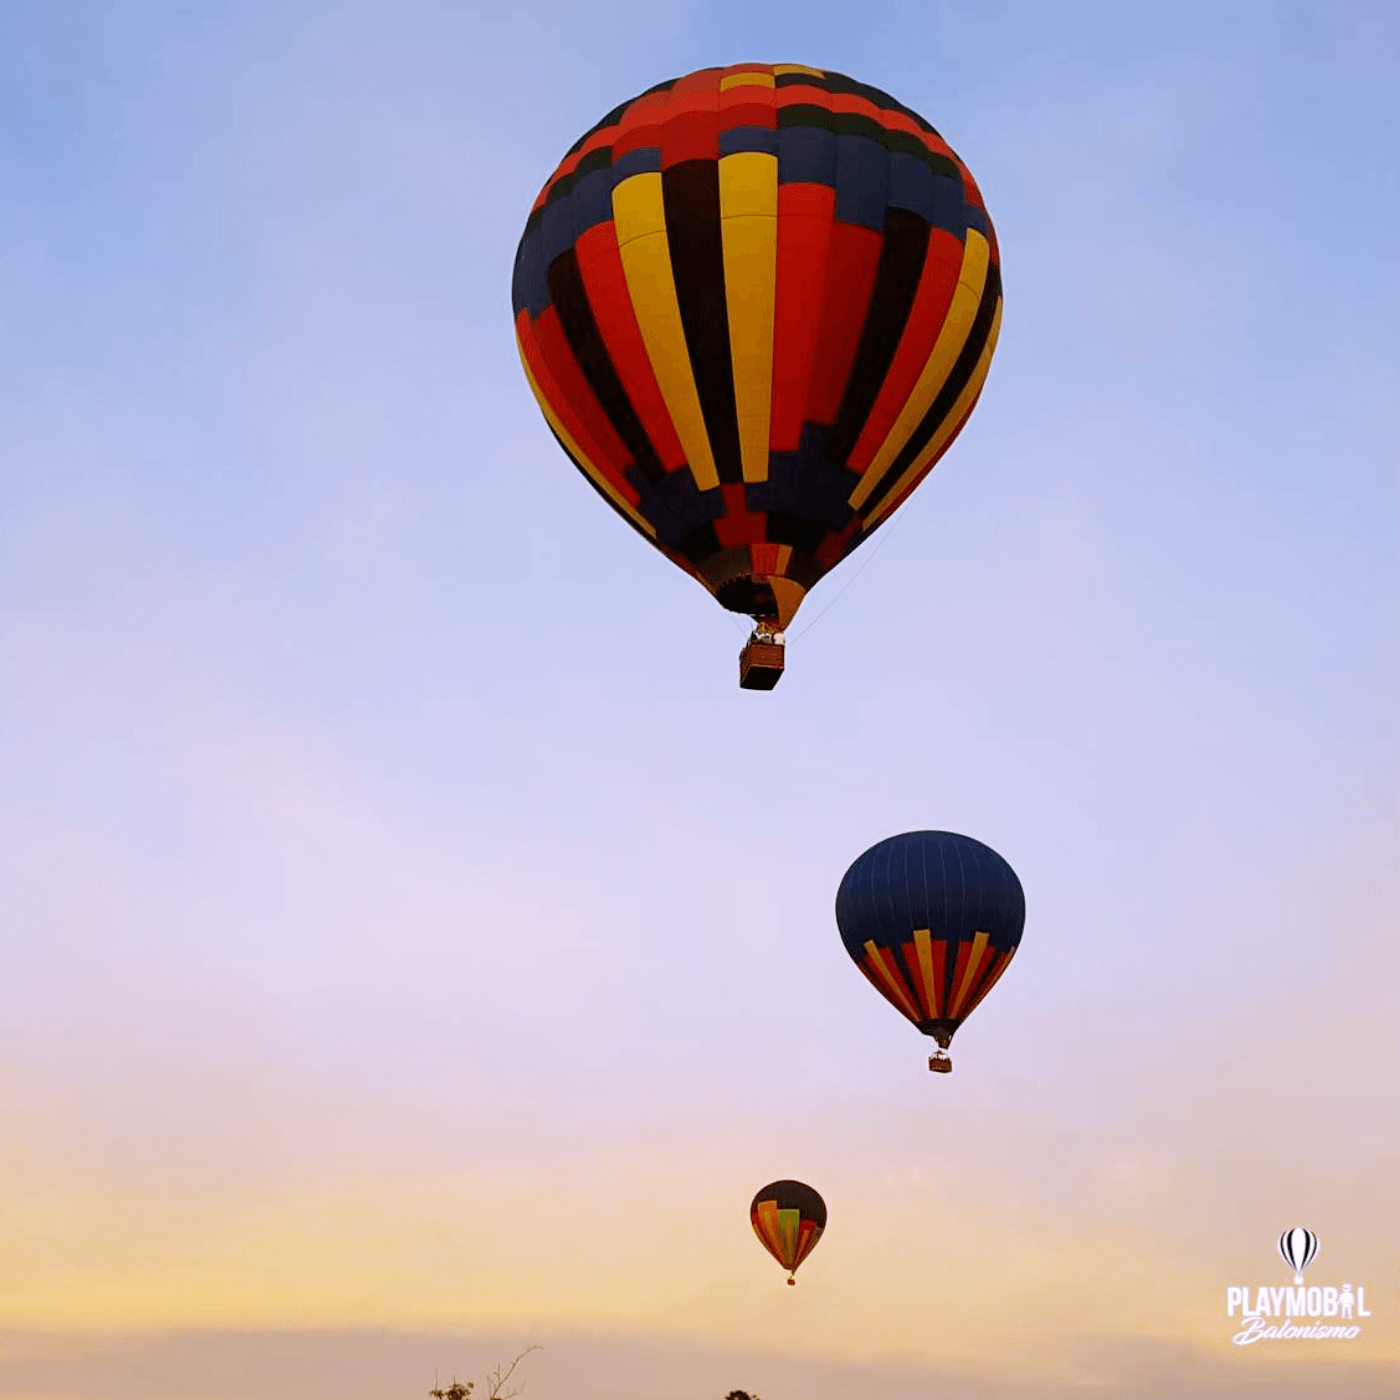 Passeio de Balão para Família em Boituva-SP (DOIS ADULTOS E DUAS CRIANÇAS DE 4 A 10 ANOS)